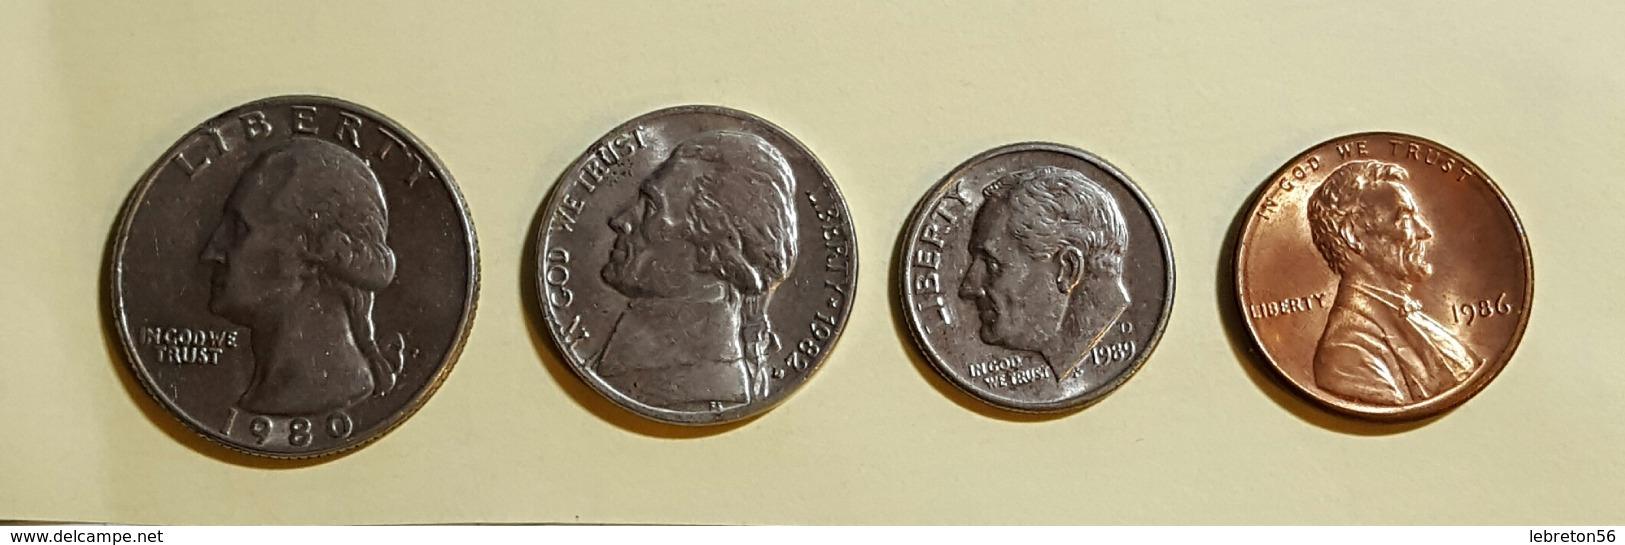 Etats Unis Quater Dollards 1980 Five Cent 1982 One Dime 1989 On Cent1986 Voir Les Deux Photos - Munten & Bankbiljetten